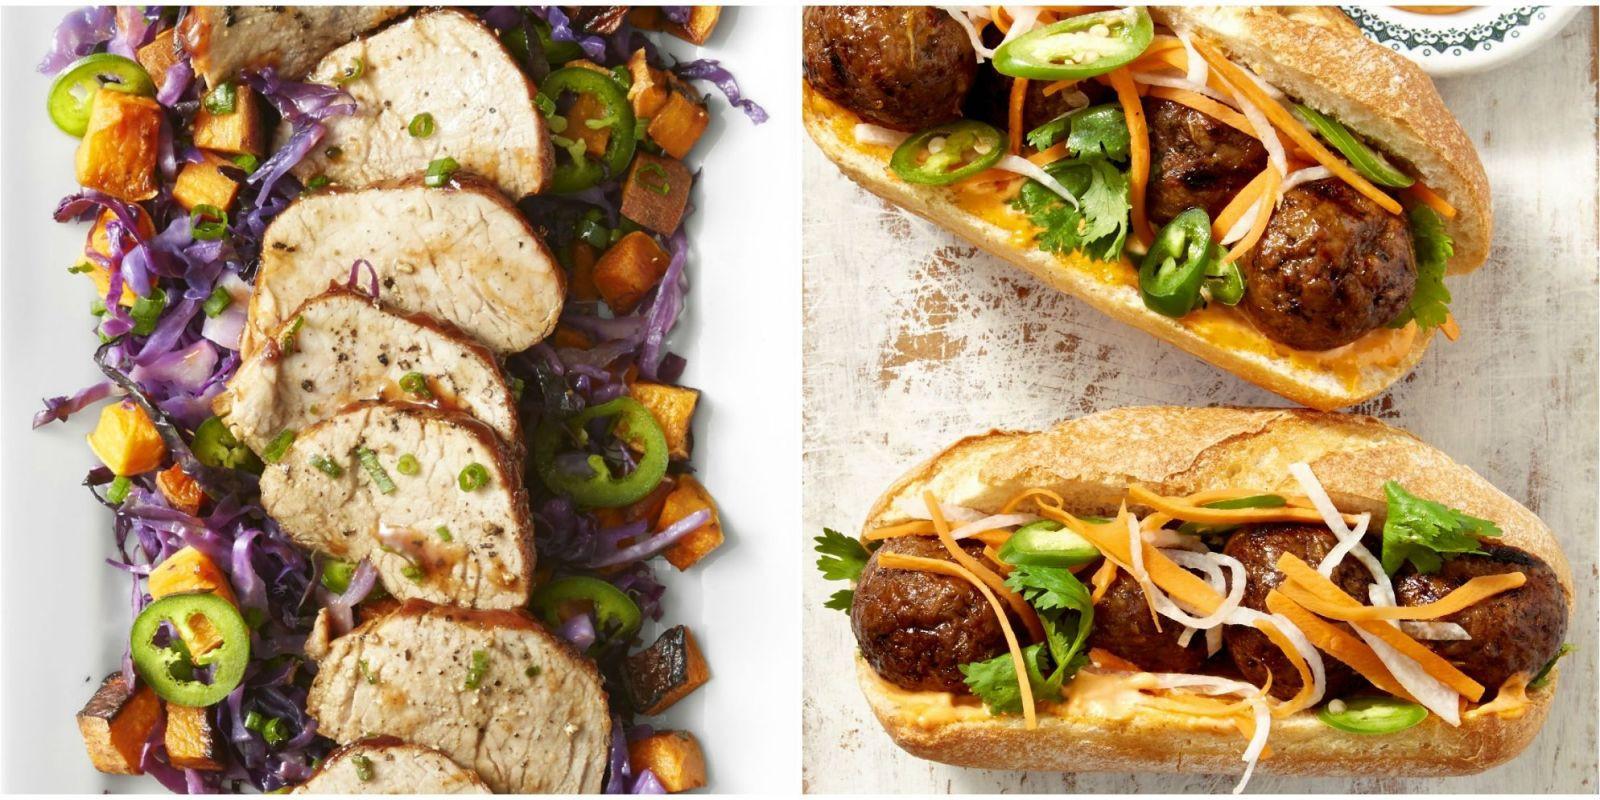 Good Dinner Ideas  50 Best Pork Recipes Easy Pork Dinner Ideas